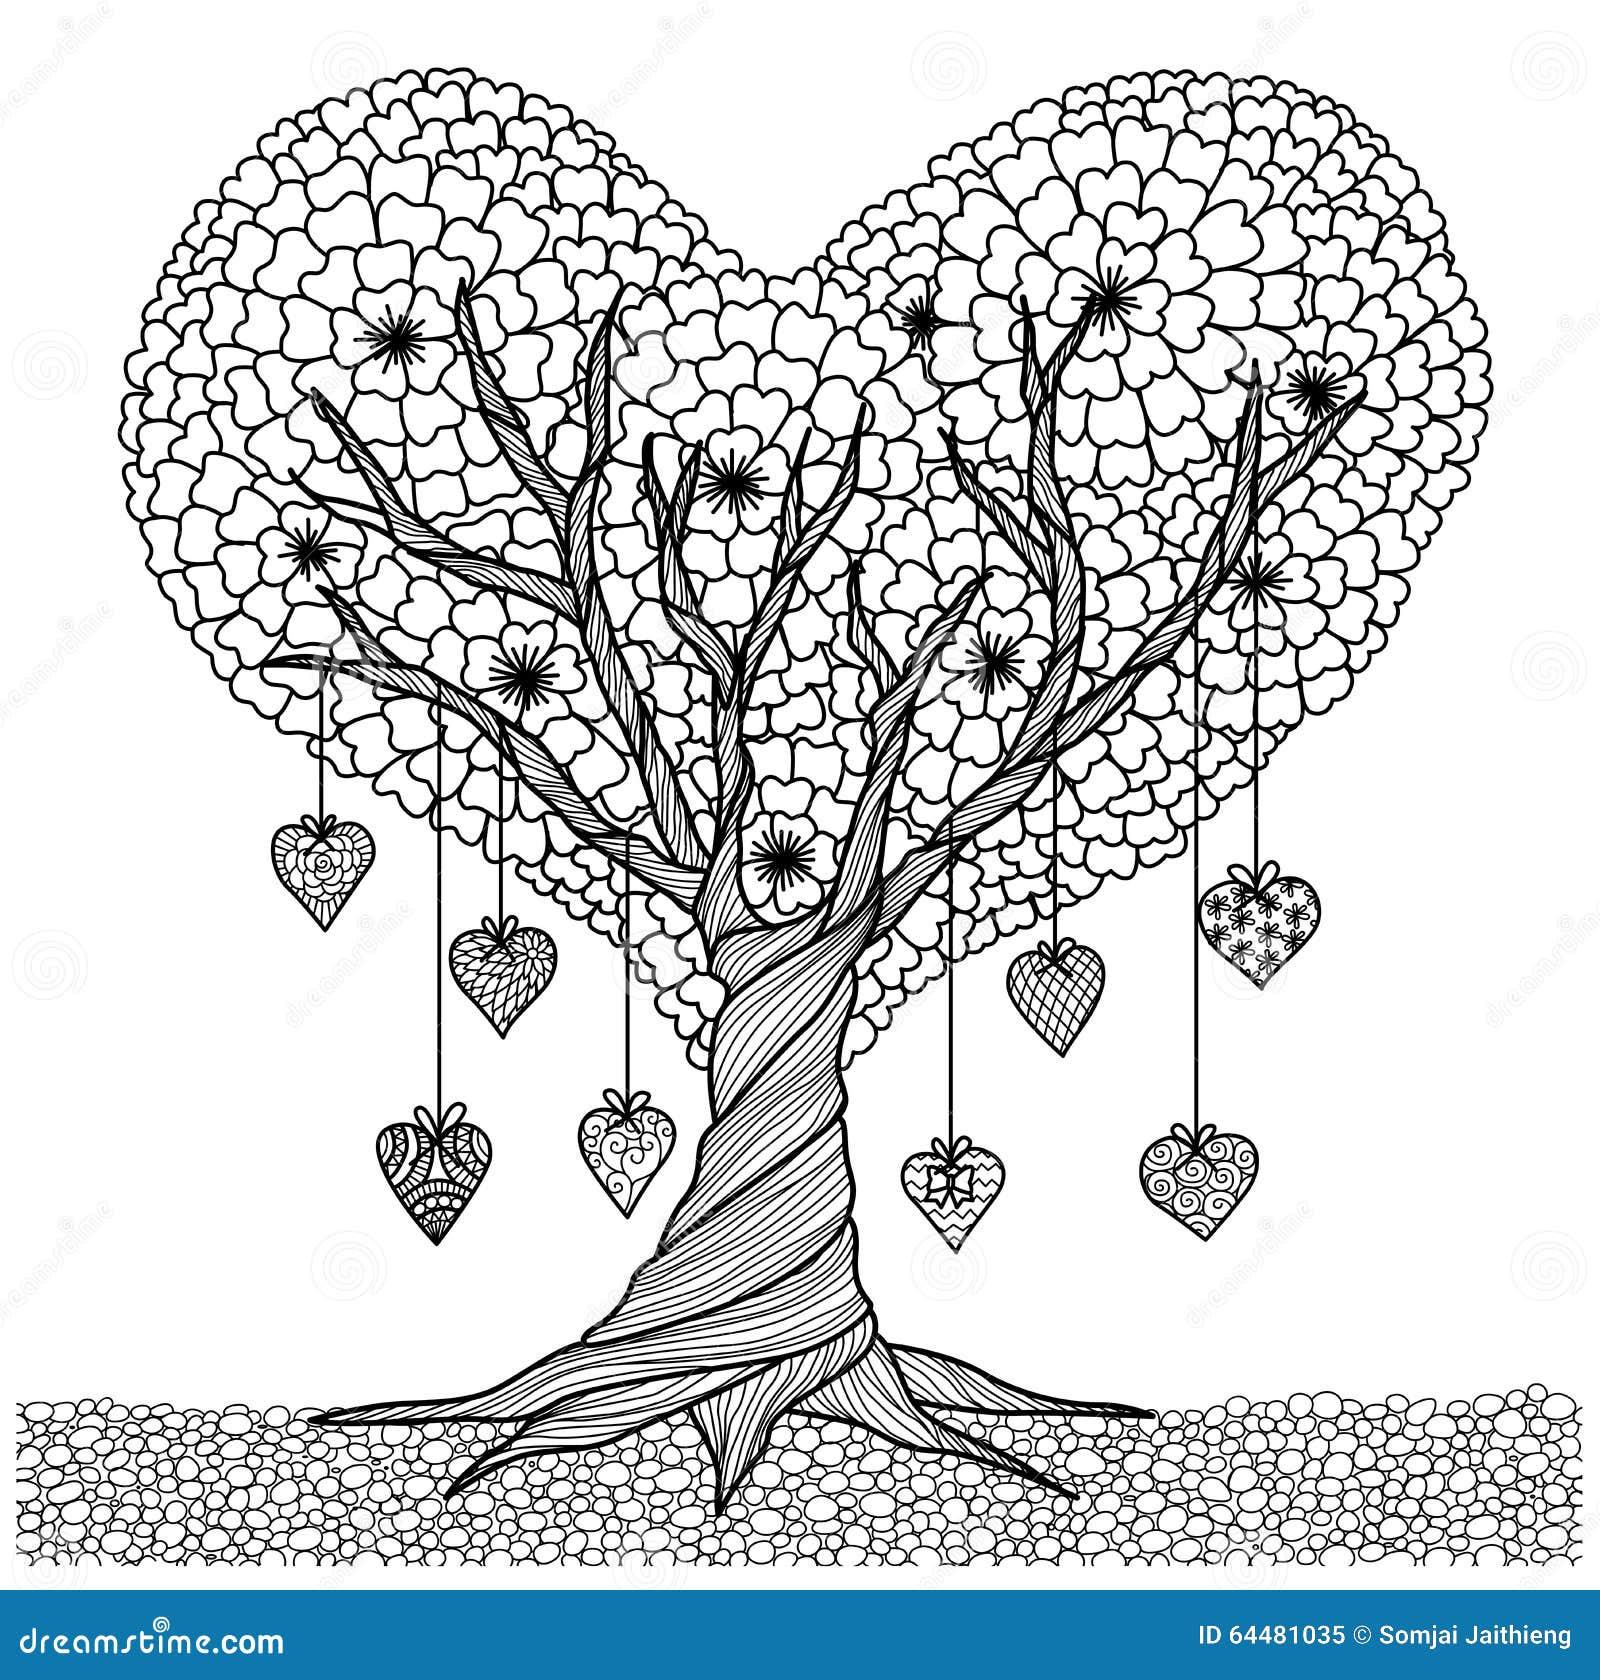 Coloriage Adulte Coeur.Arbre Tire Par La Main De Forme De Coeur Pour Livre De Coloriage